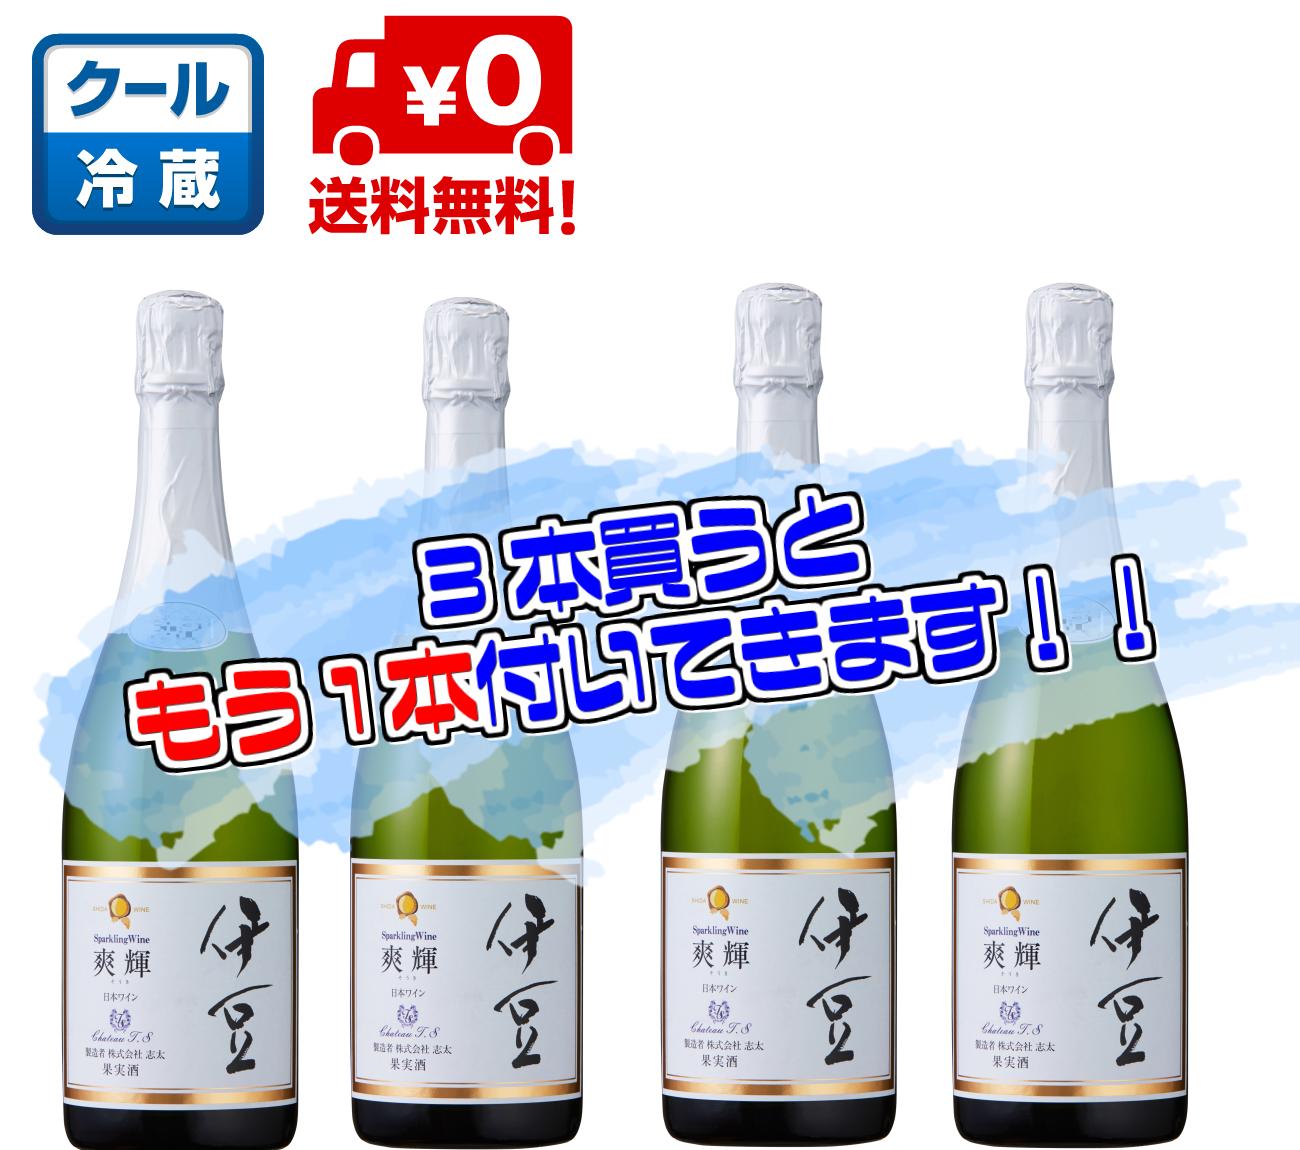 【送料無料】伊豆スパークリングワイン爽輝2017 3本セット(微発泡・白・辛口)